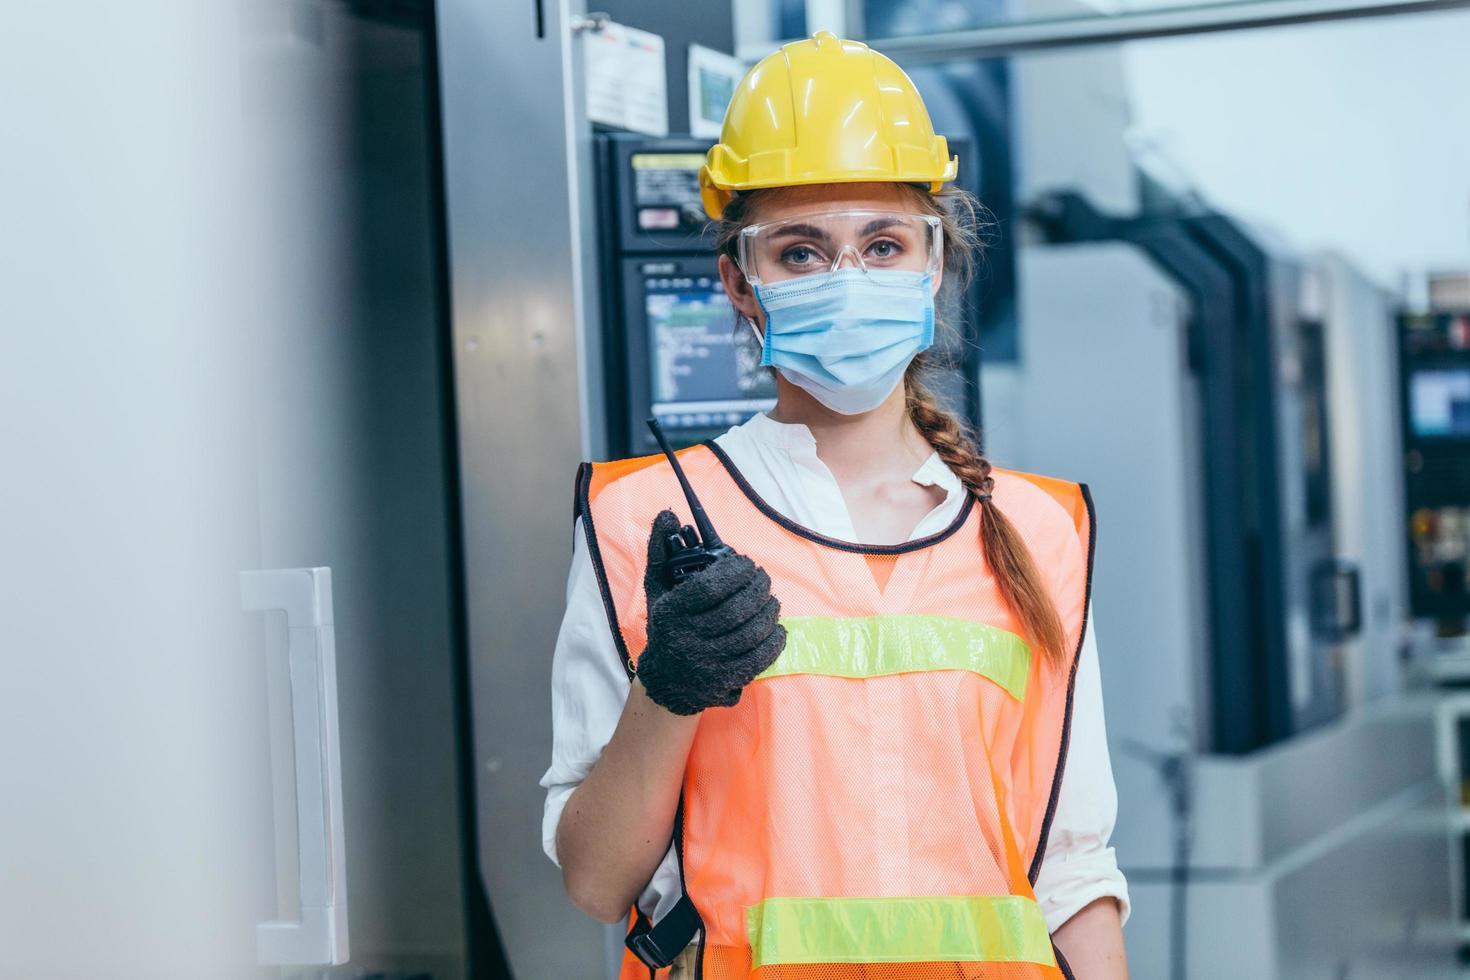 mulher usando equipamento de proteção com máscara facial foto